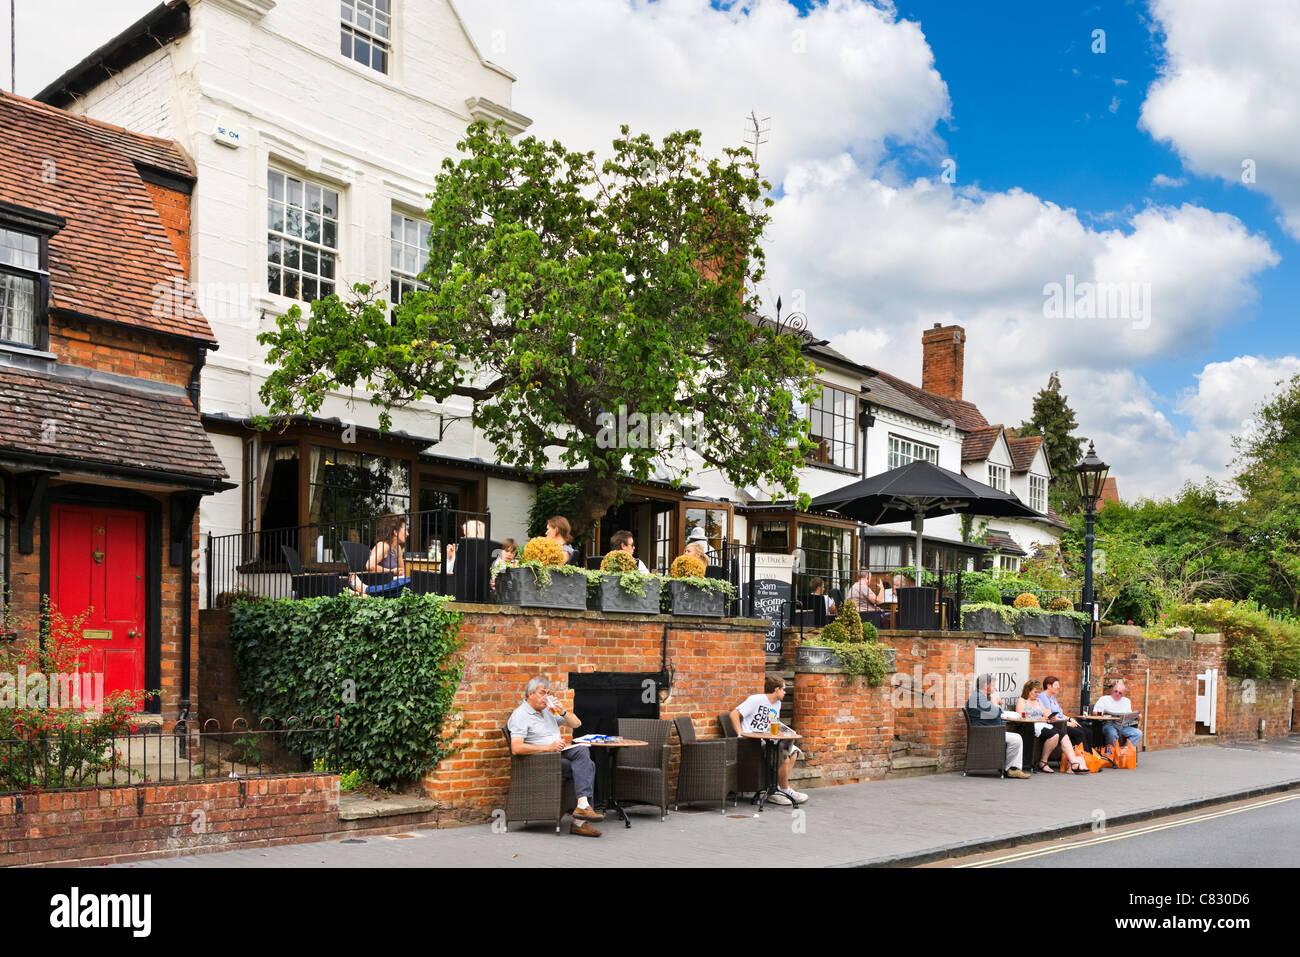 Le célèbre pub Canard sale près du théâtre RSC, Stratford-upon-Avon, Warwickshire, England, Photo Stock